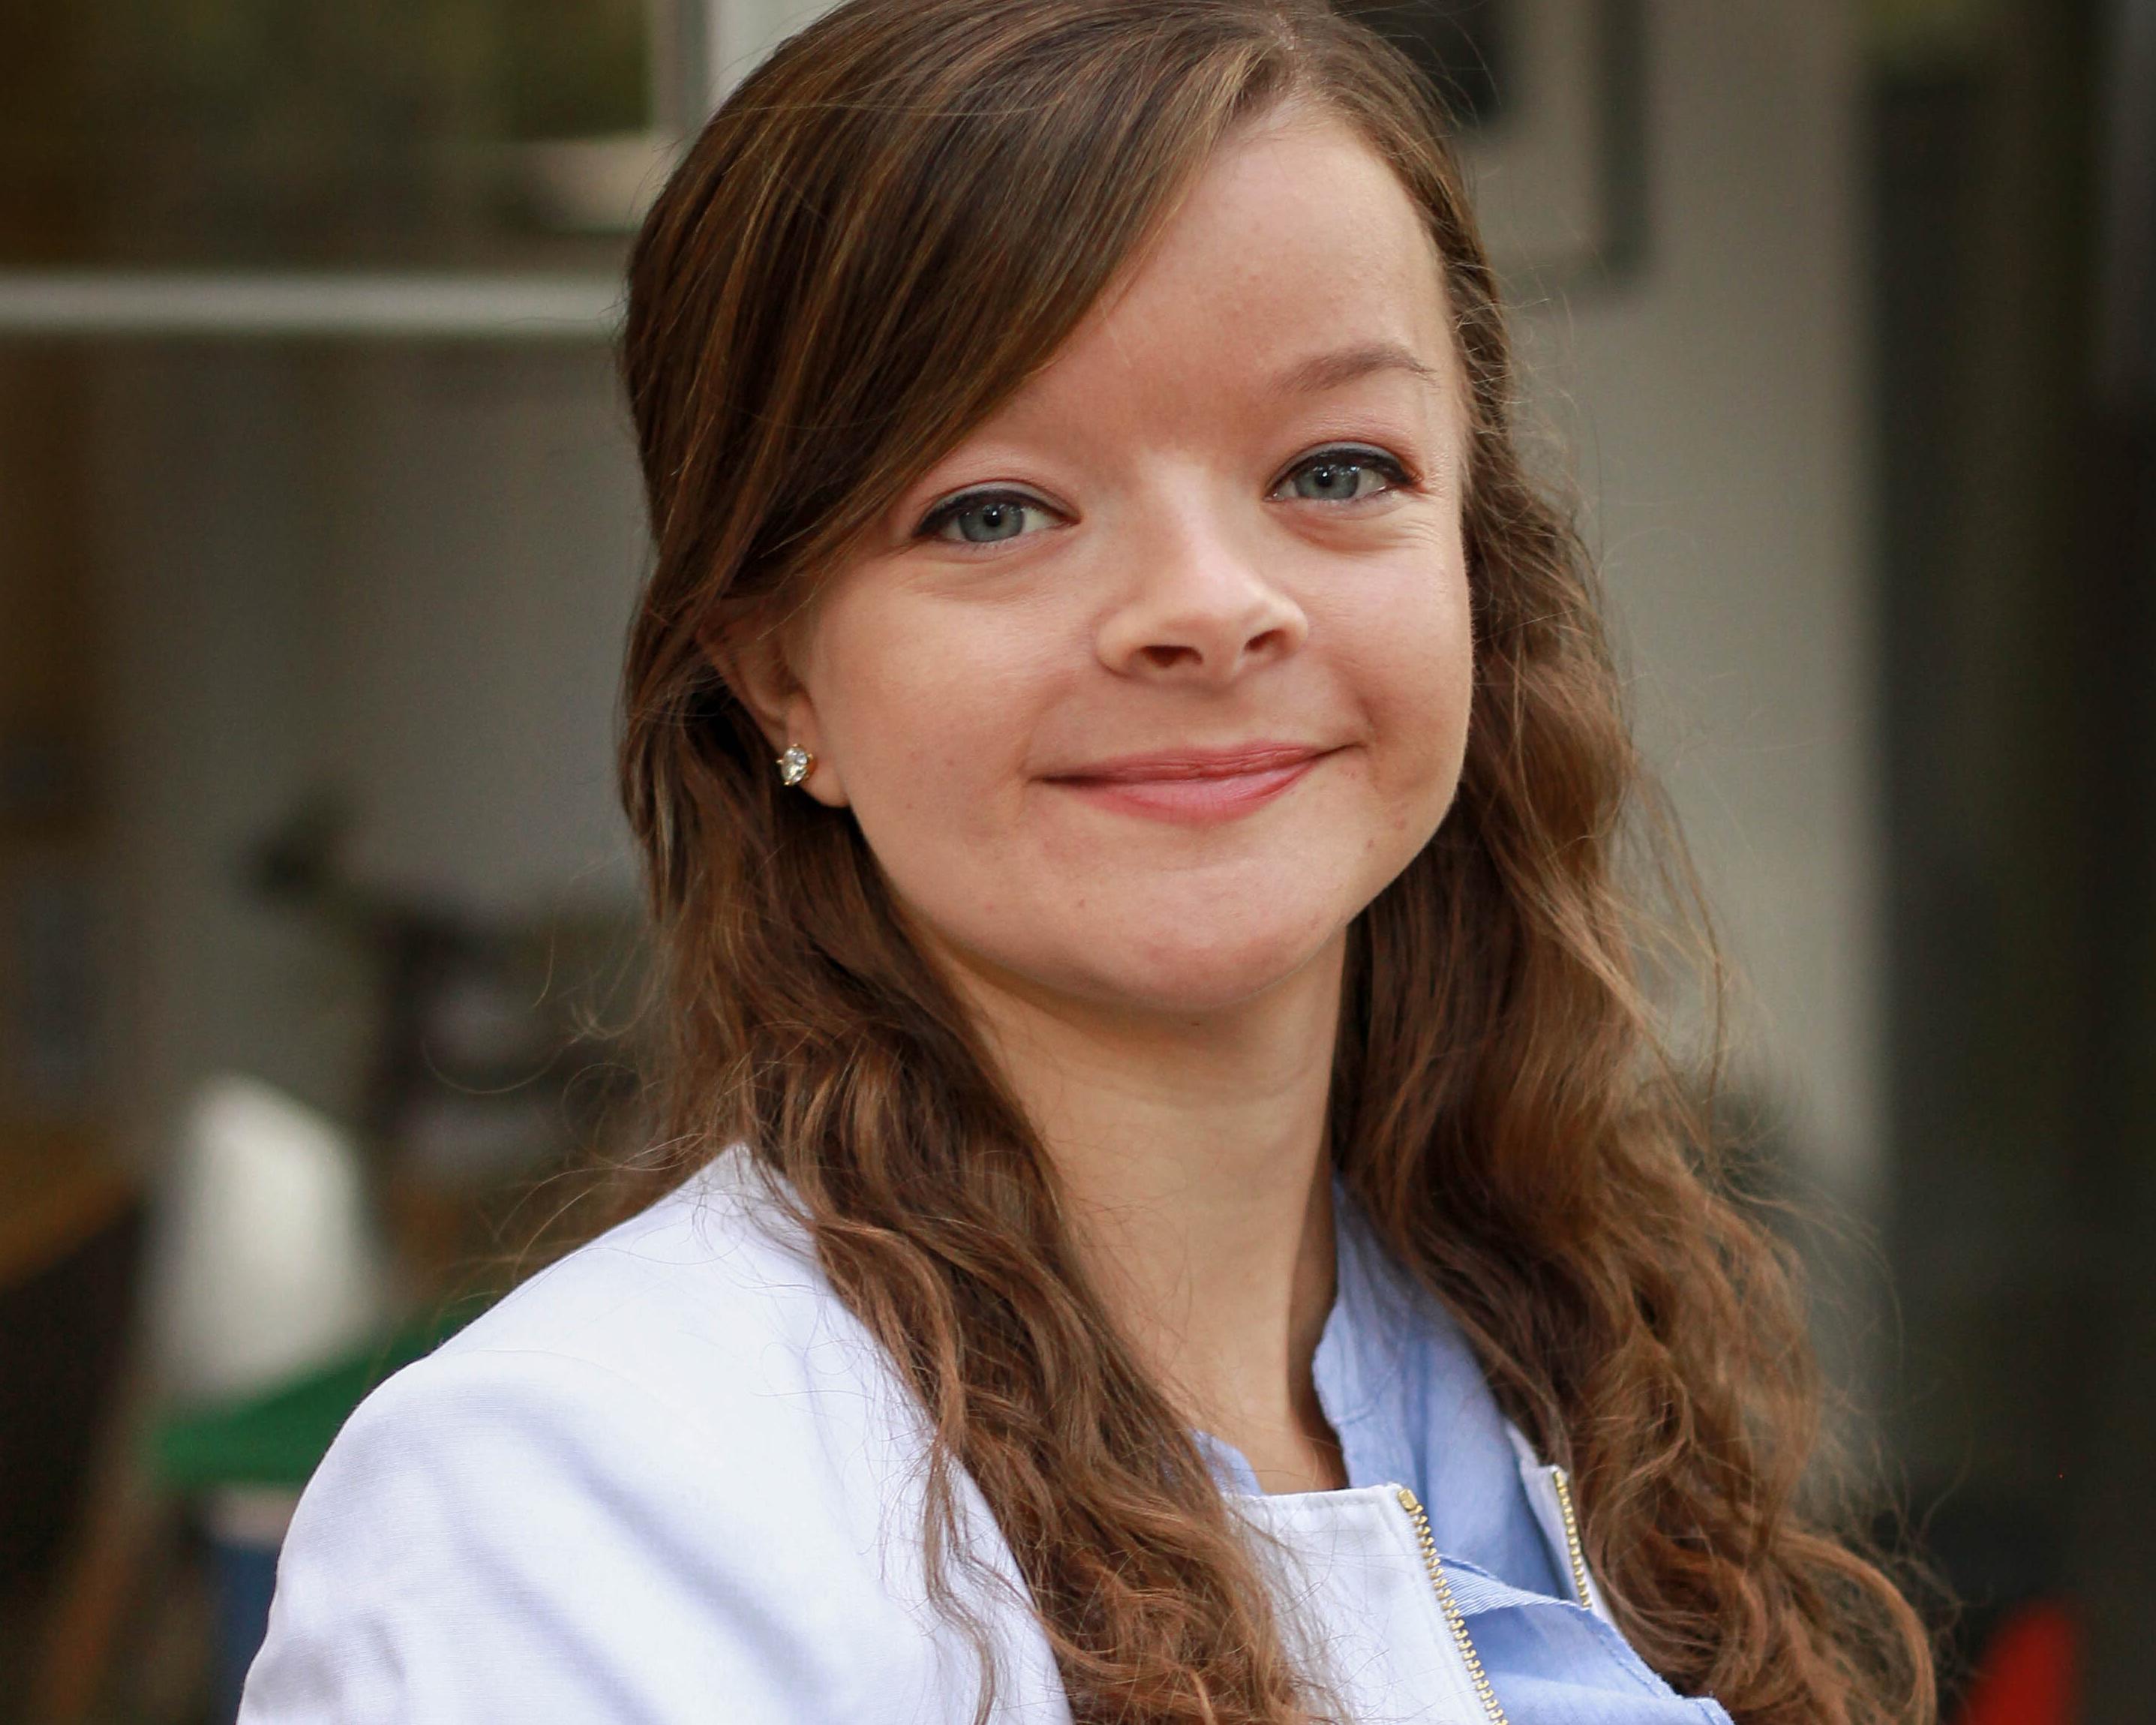 Portrait of Natalie Spindle.